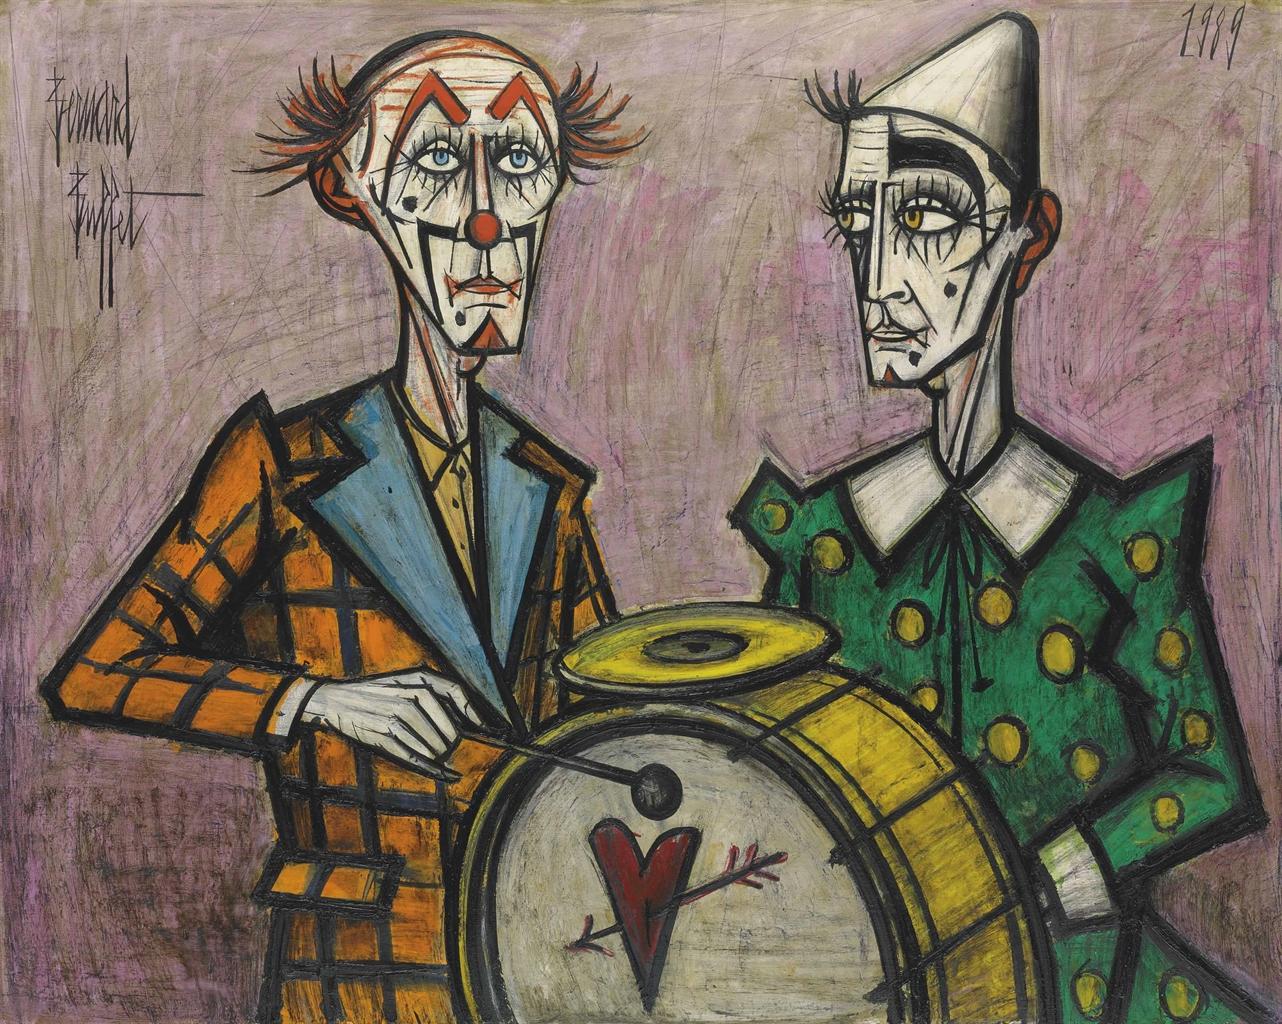 Bernard Buffet-Deux clowns a la grosse caisse-1989